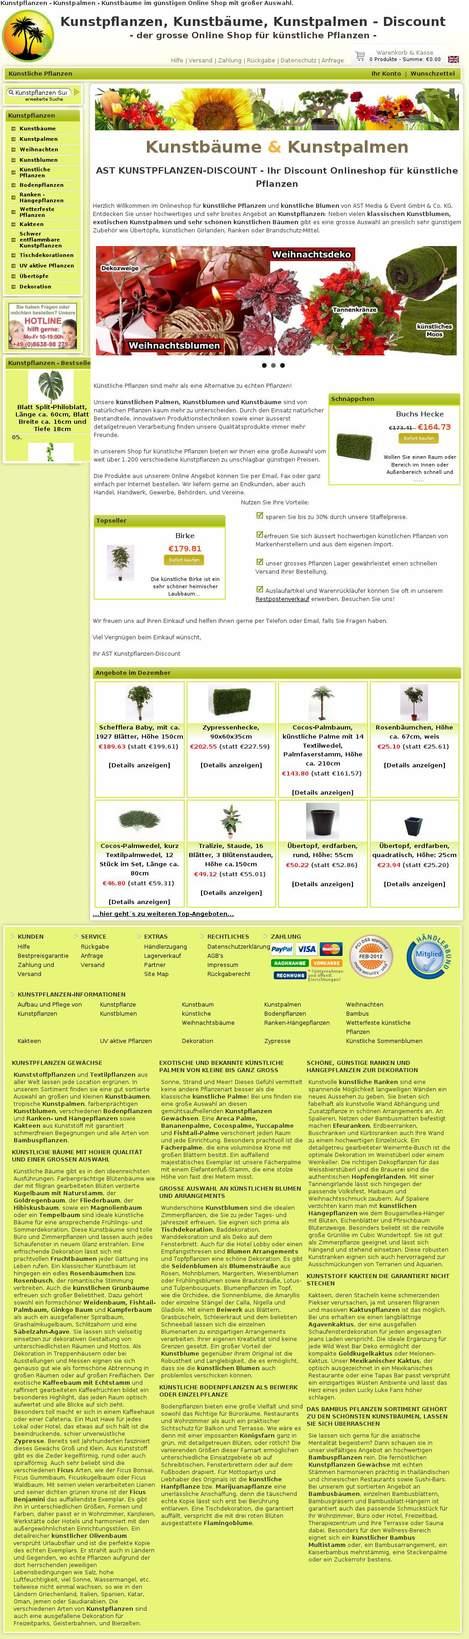 Kunstpflanzen Discount ast kunstpflanzen discount gbr jettenbach bayern